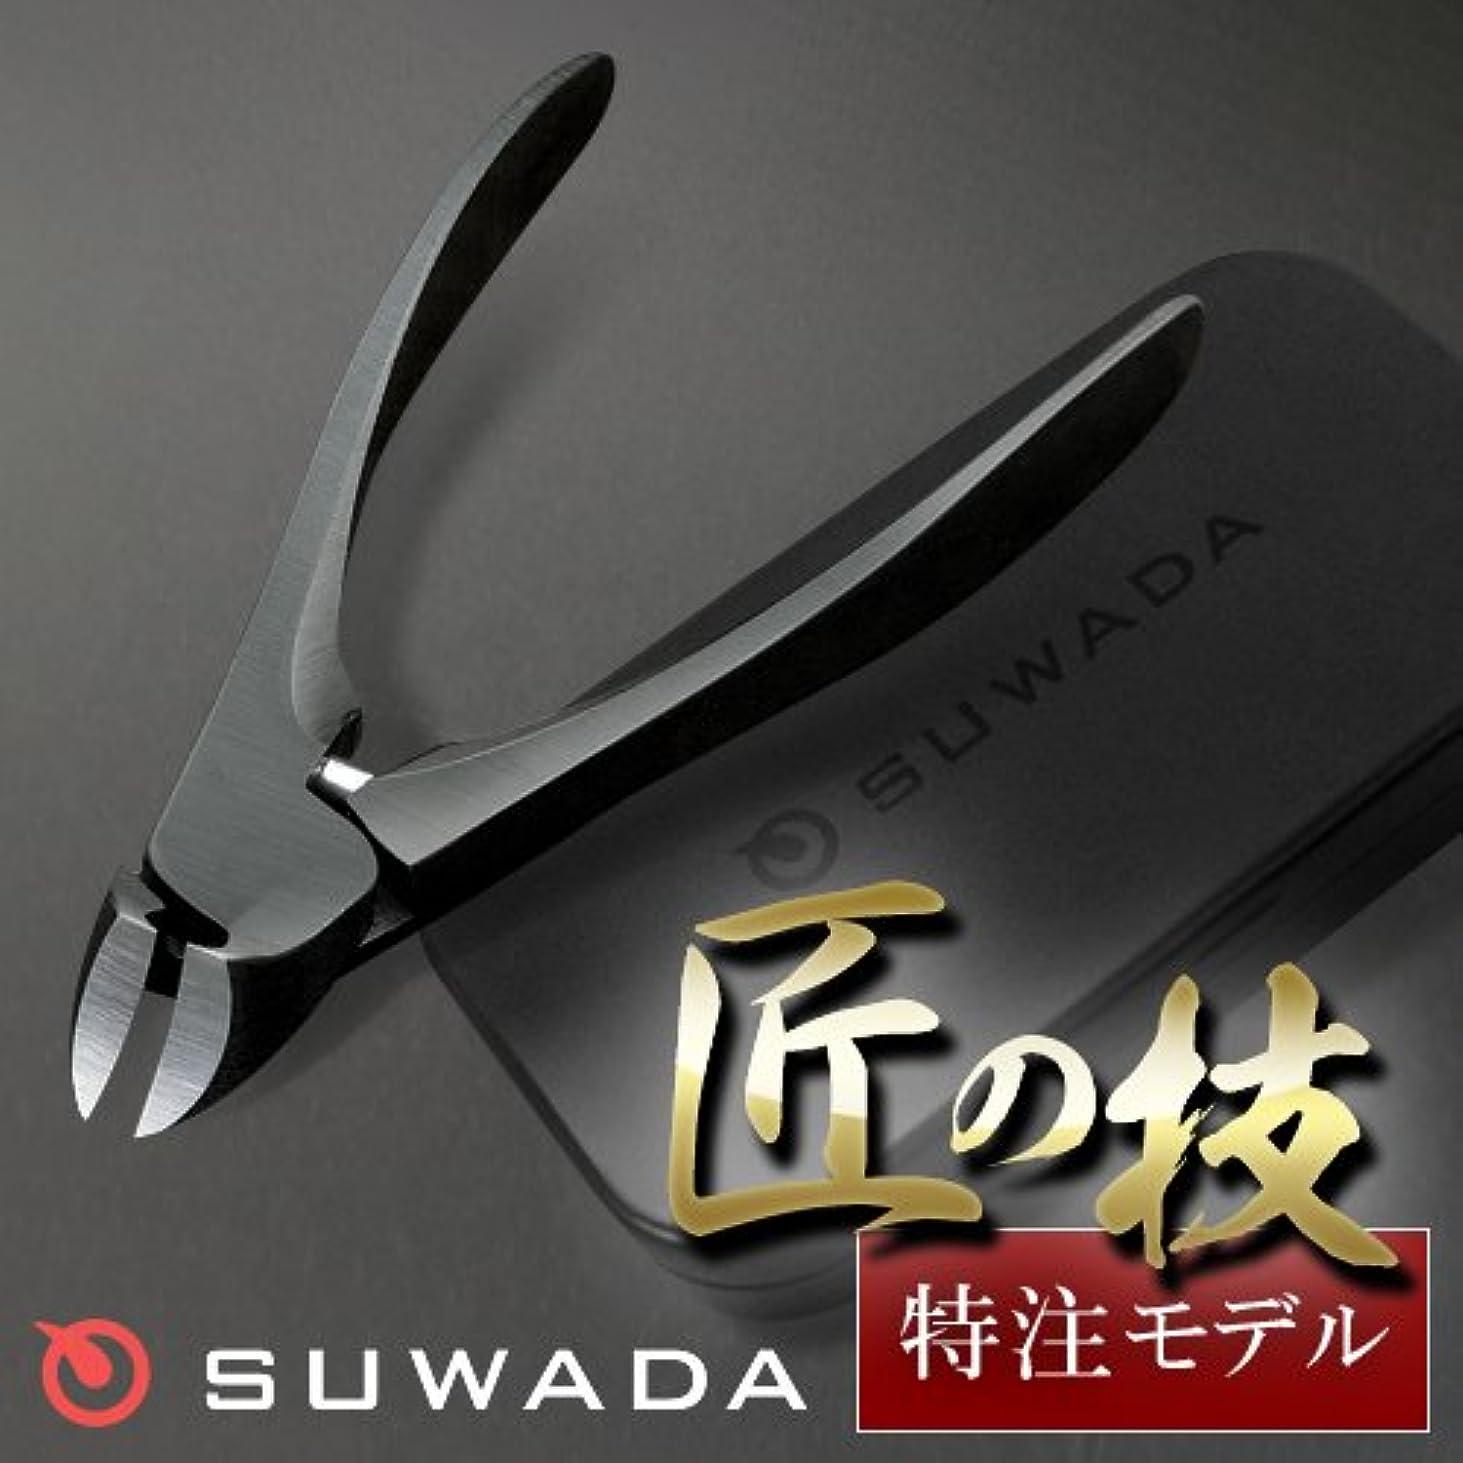 グリットパテプロポーショナルSUWADA爪切りブラックL&メタルケースセット 特注モデル 諏訪田製作所製 スワダの爪切り